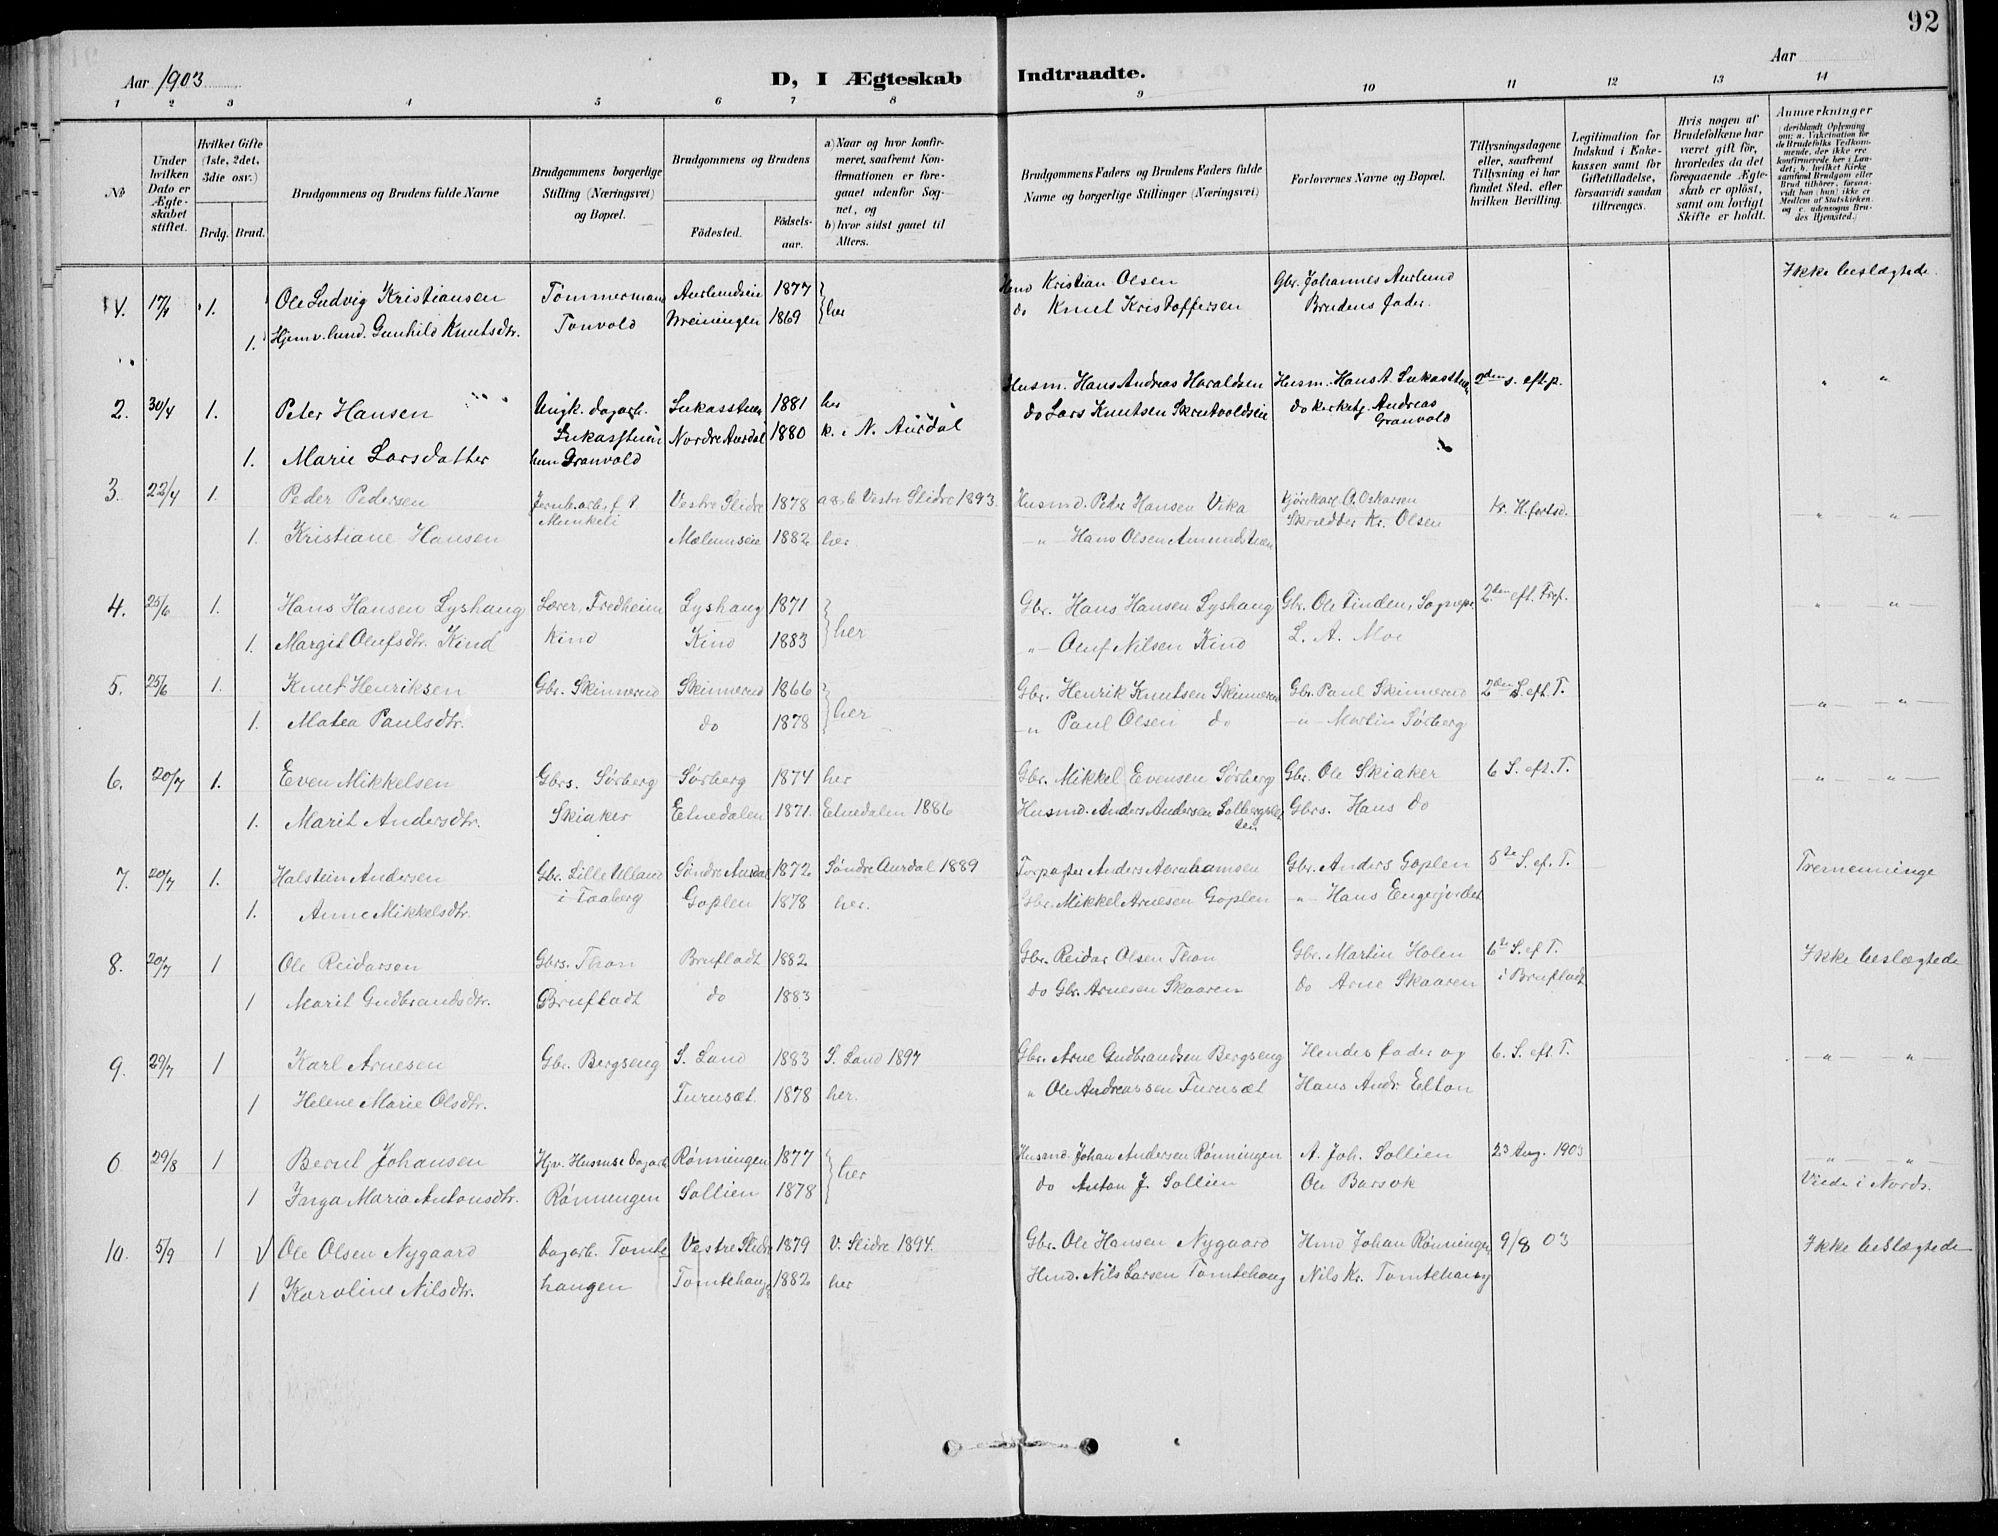 SAH, Nordre Land prestekontor, Klokkerbok nr. 14, 1891-1907, s. 92